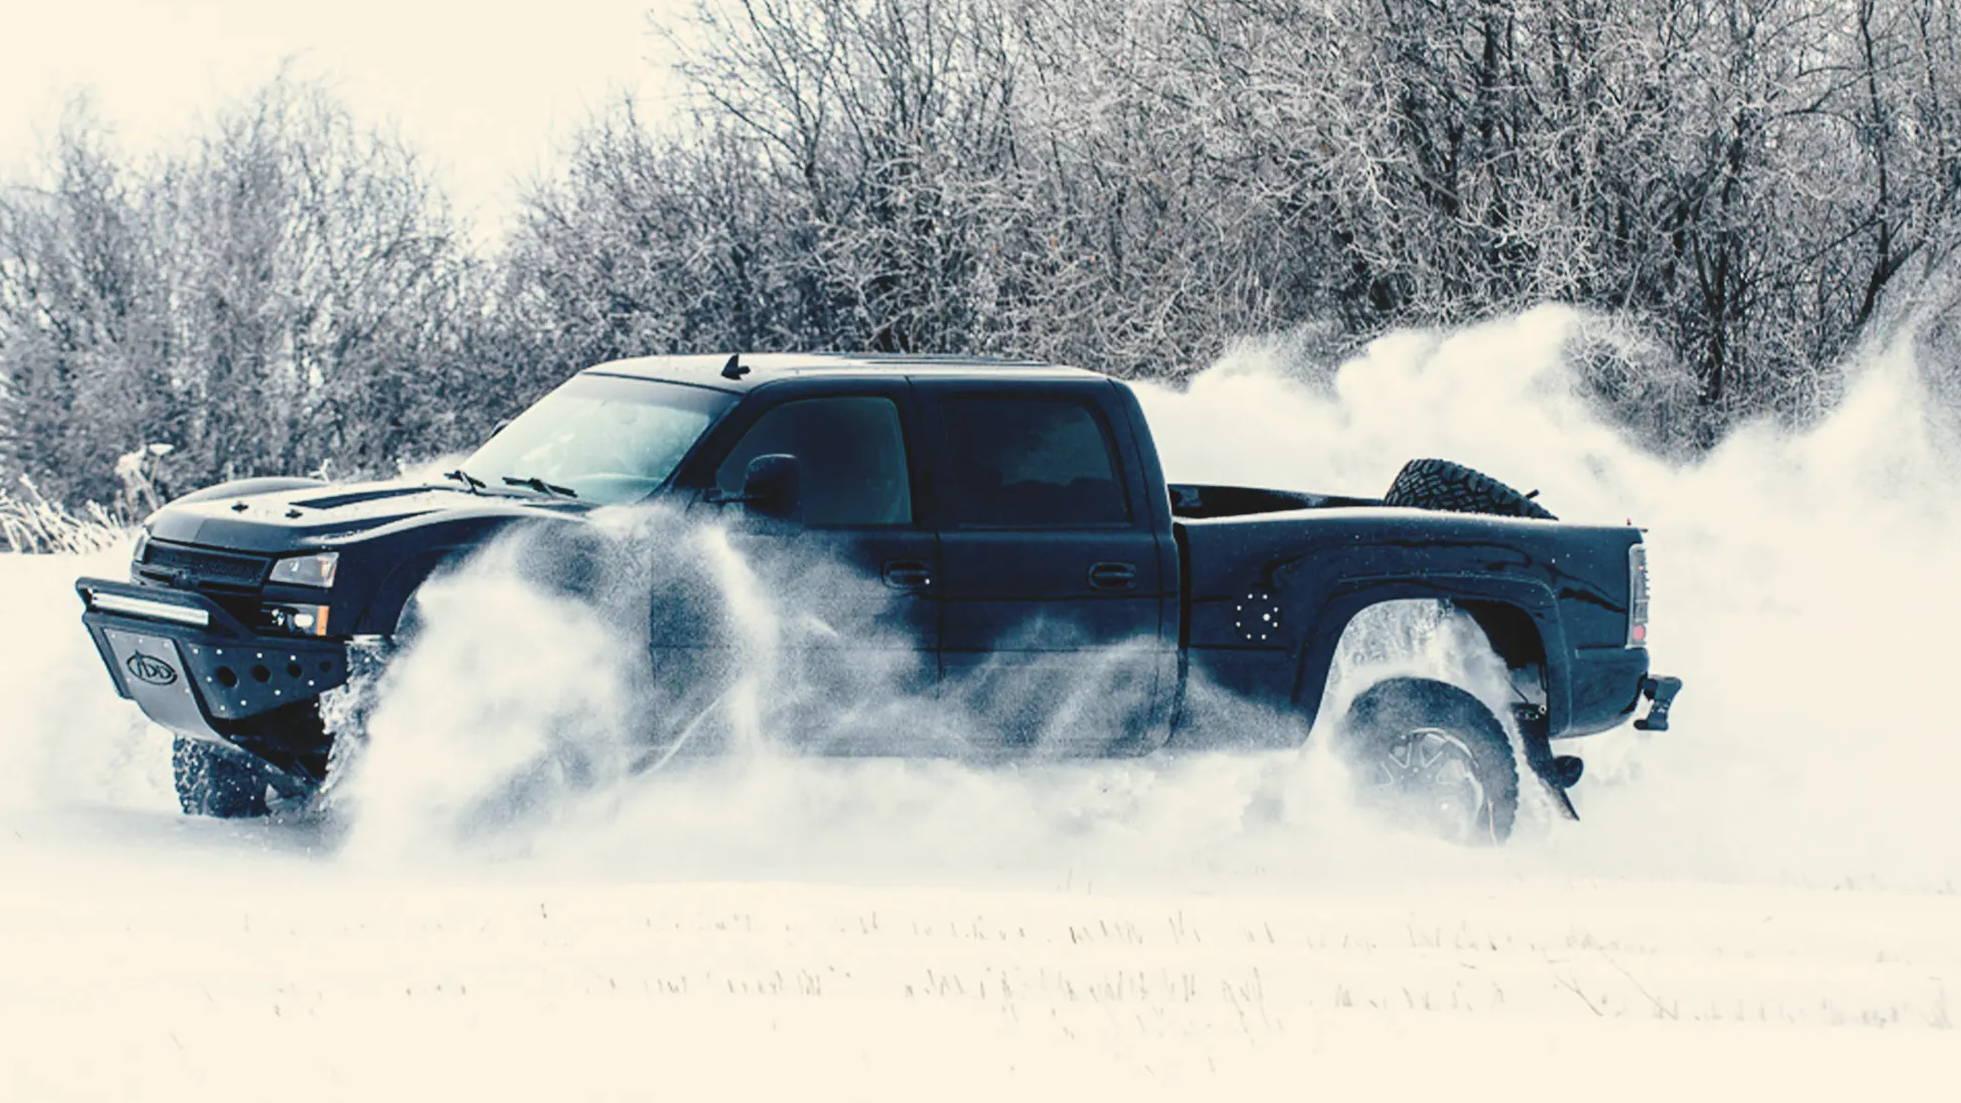 Chevy Silverado 2500 HD exhaust